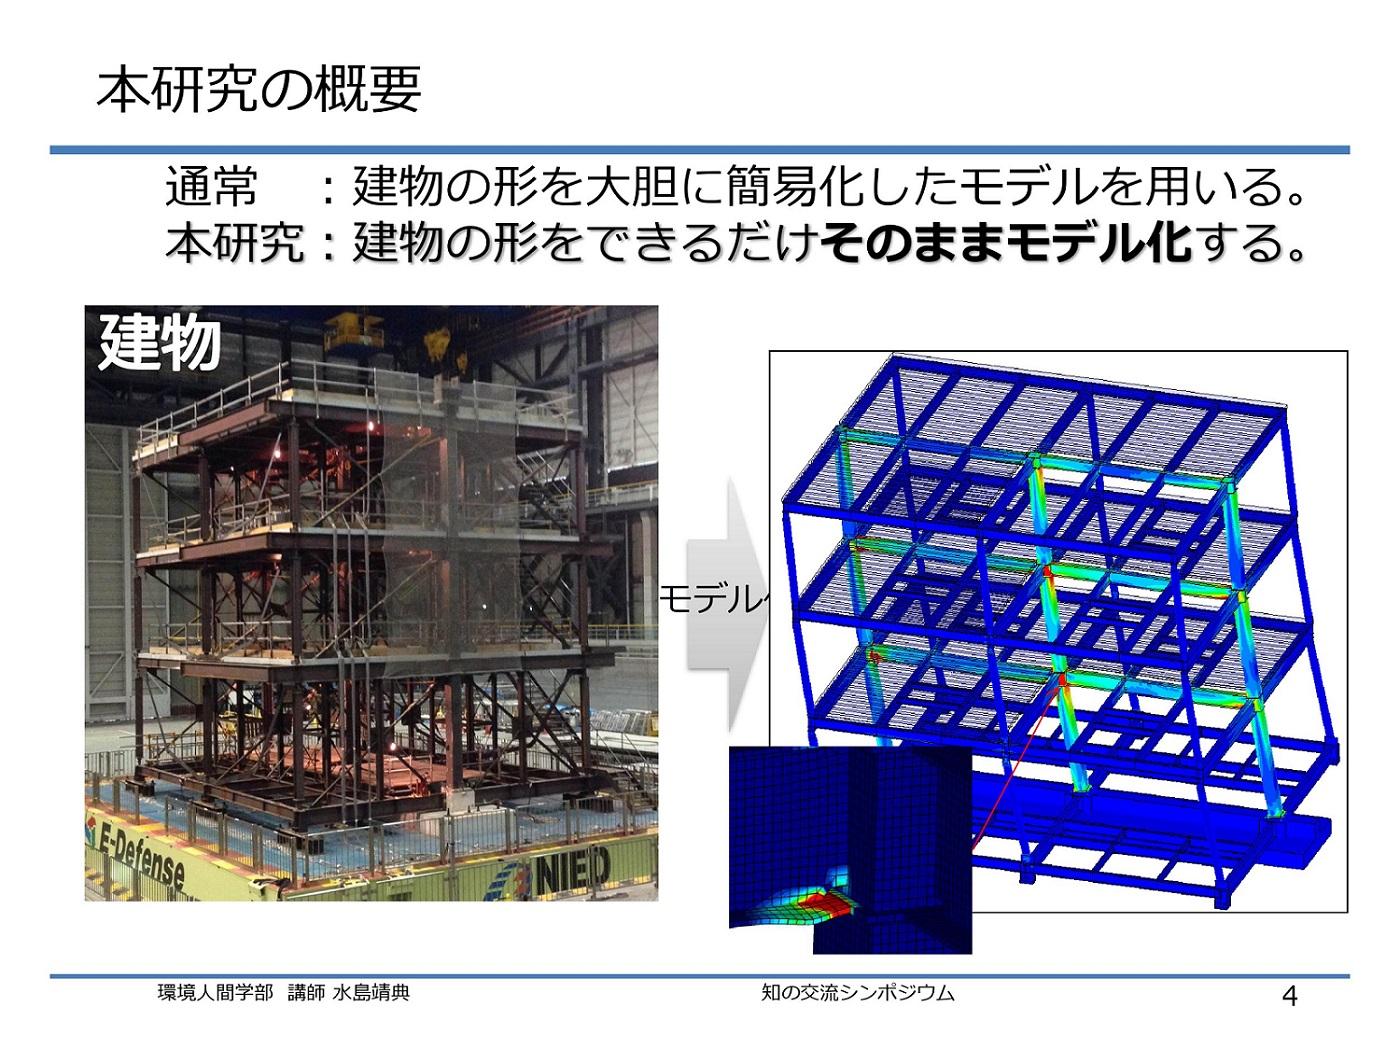 44. 建築物の全体詳細シミュレーション